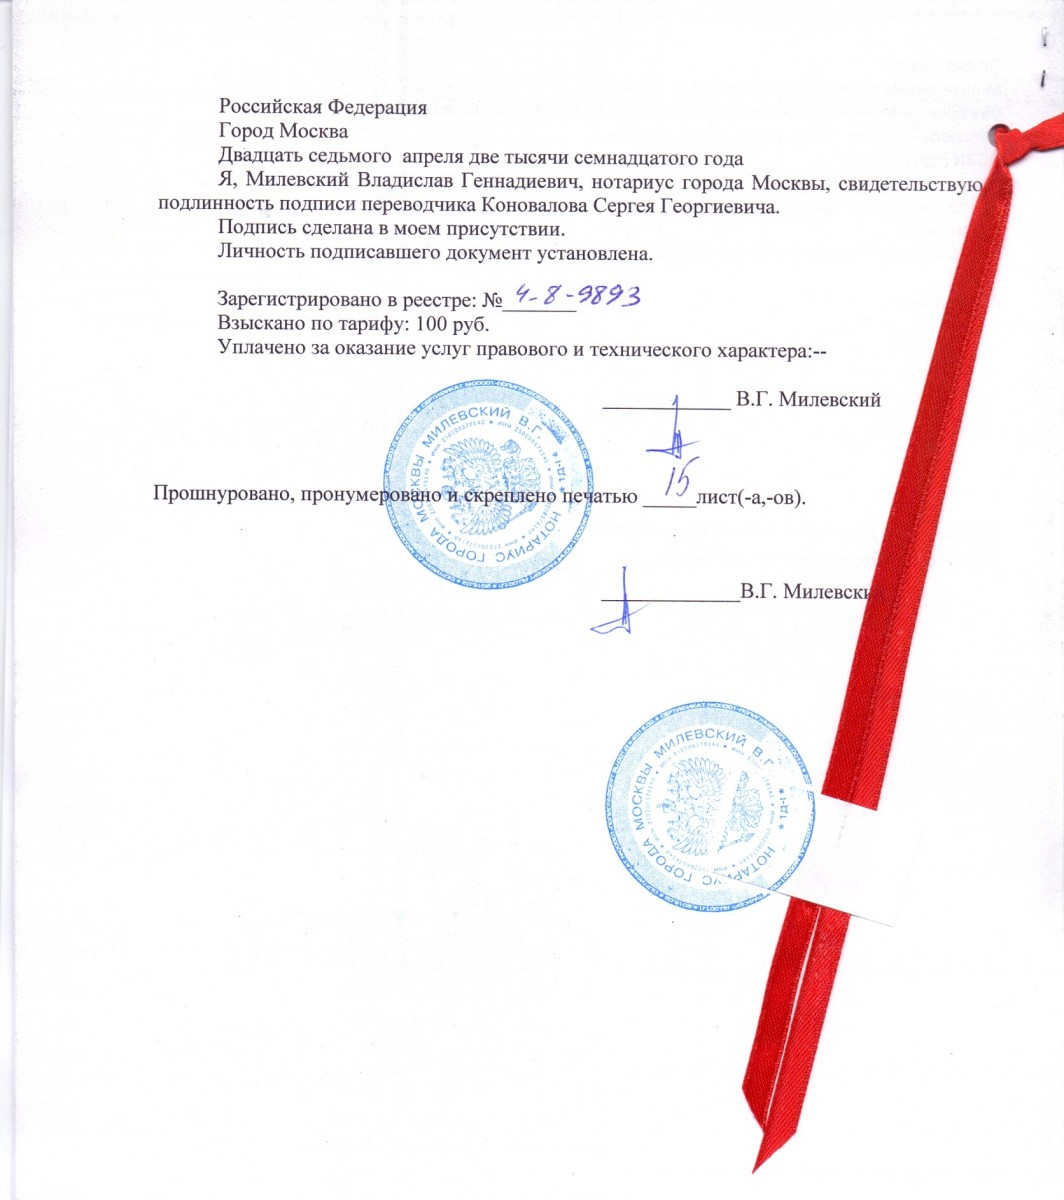 русский армянский словарь онлайн с русскими буквами